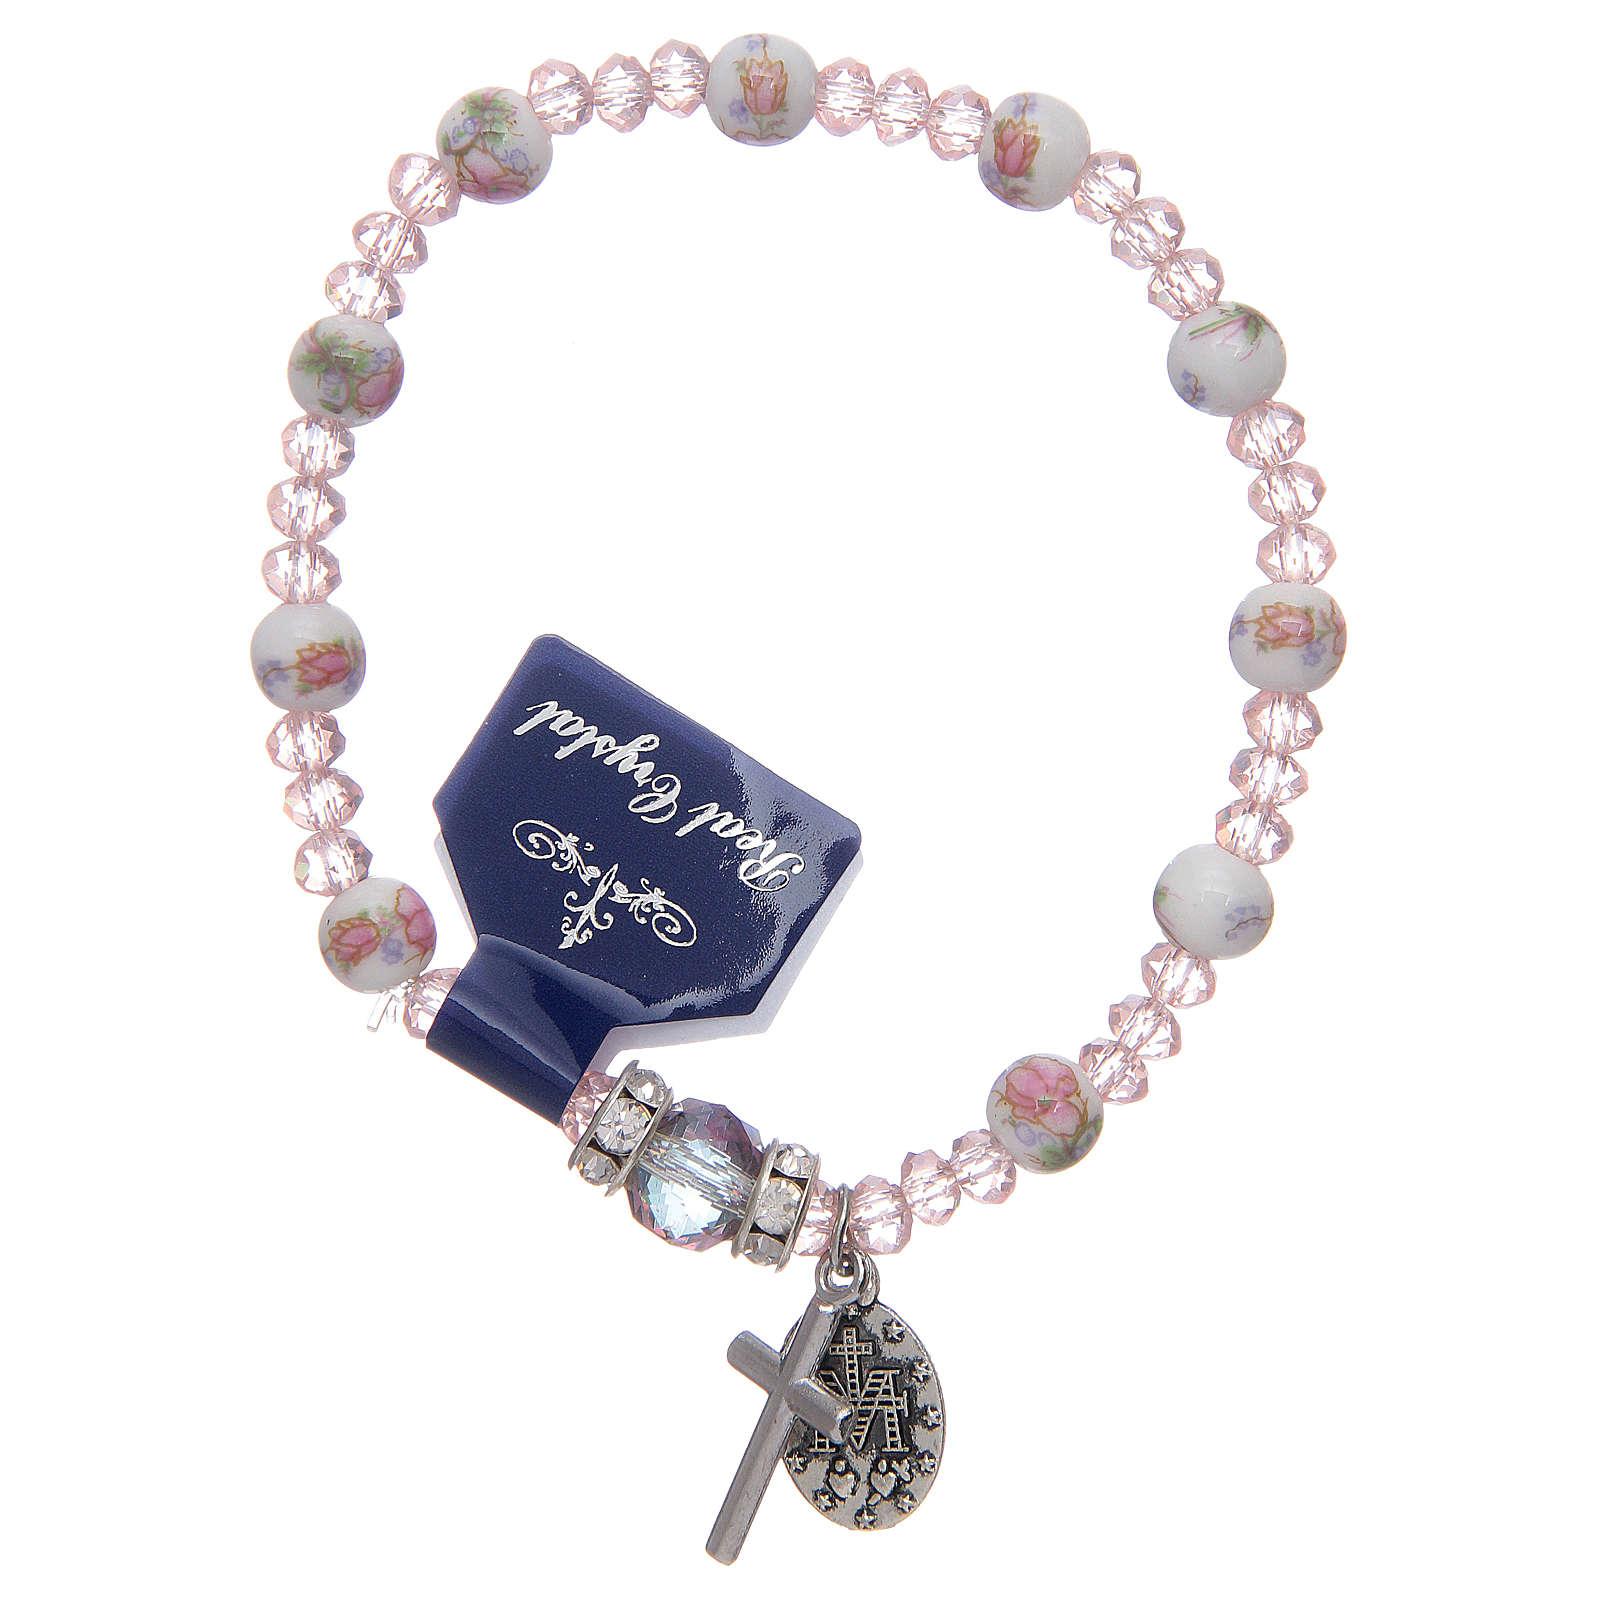 Bracelet élastique avec grains en céramique 6 mm et cristal 3x4 mm divers coloris 4